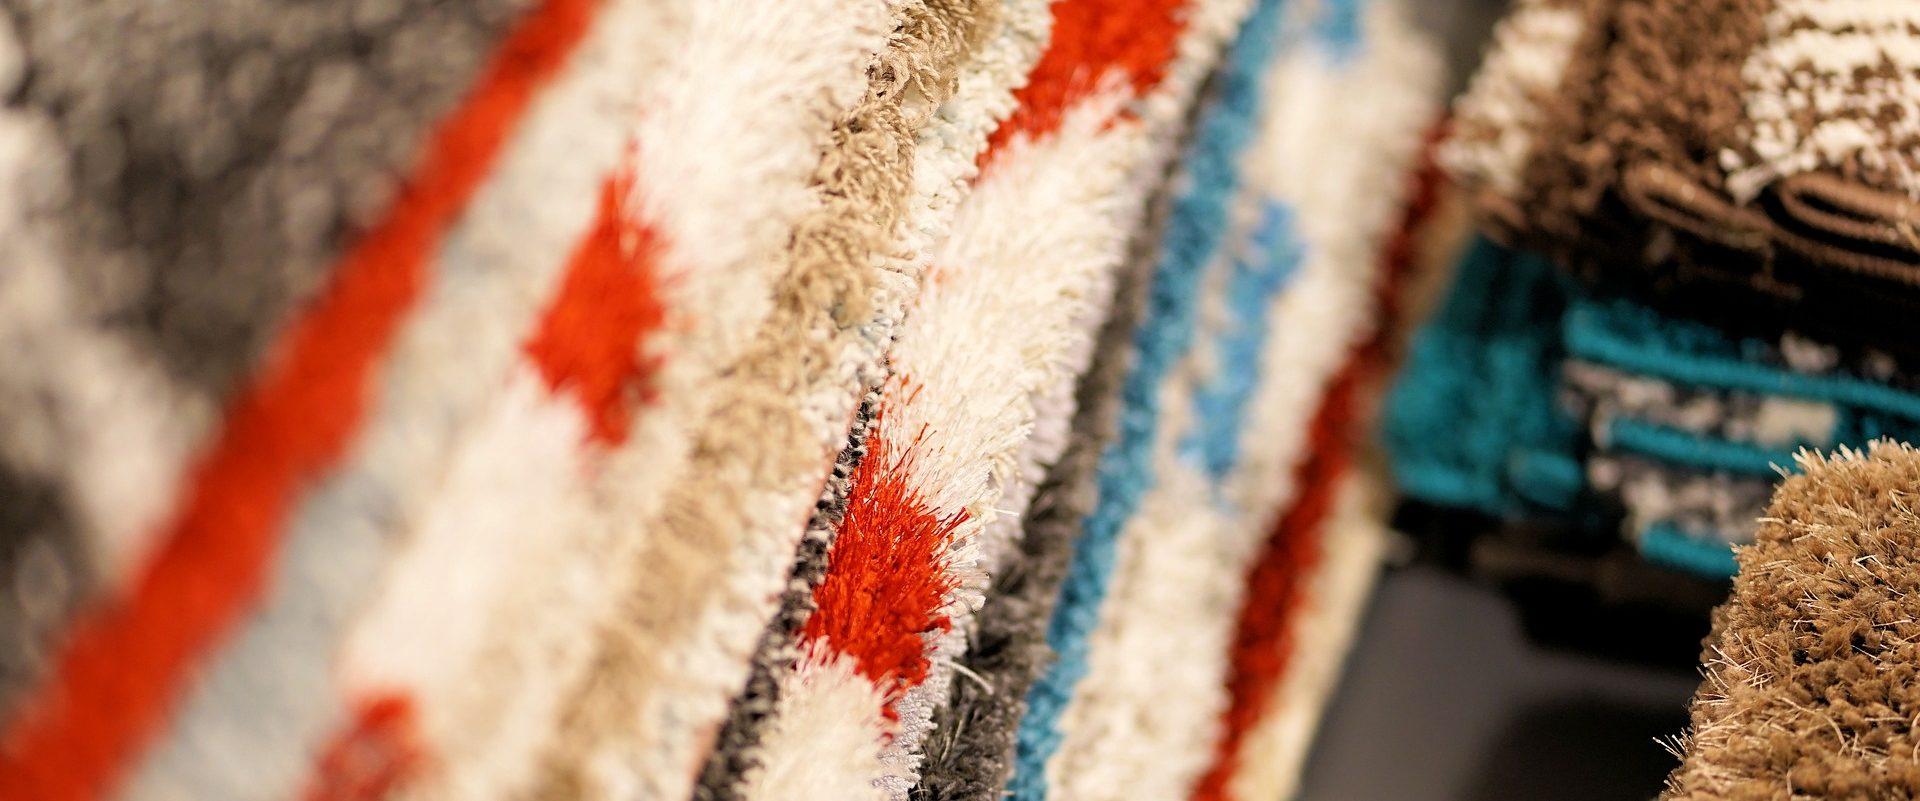 Якісна хімчистка килимів в Києві